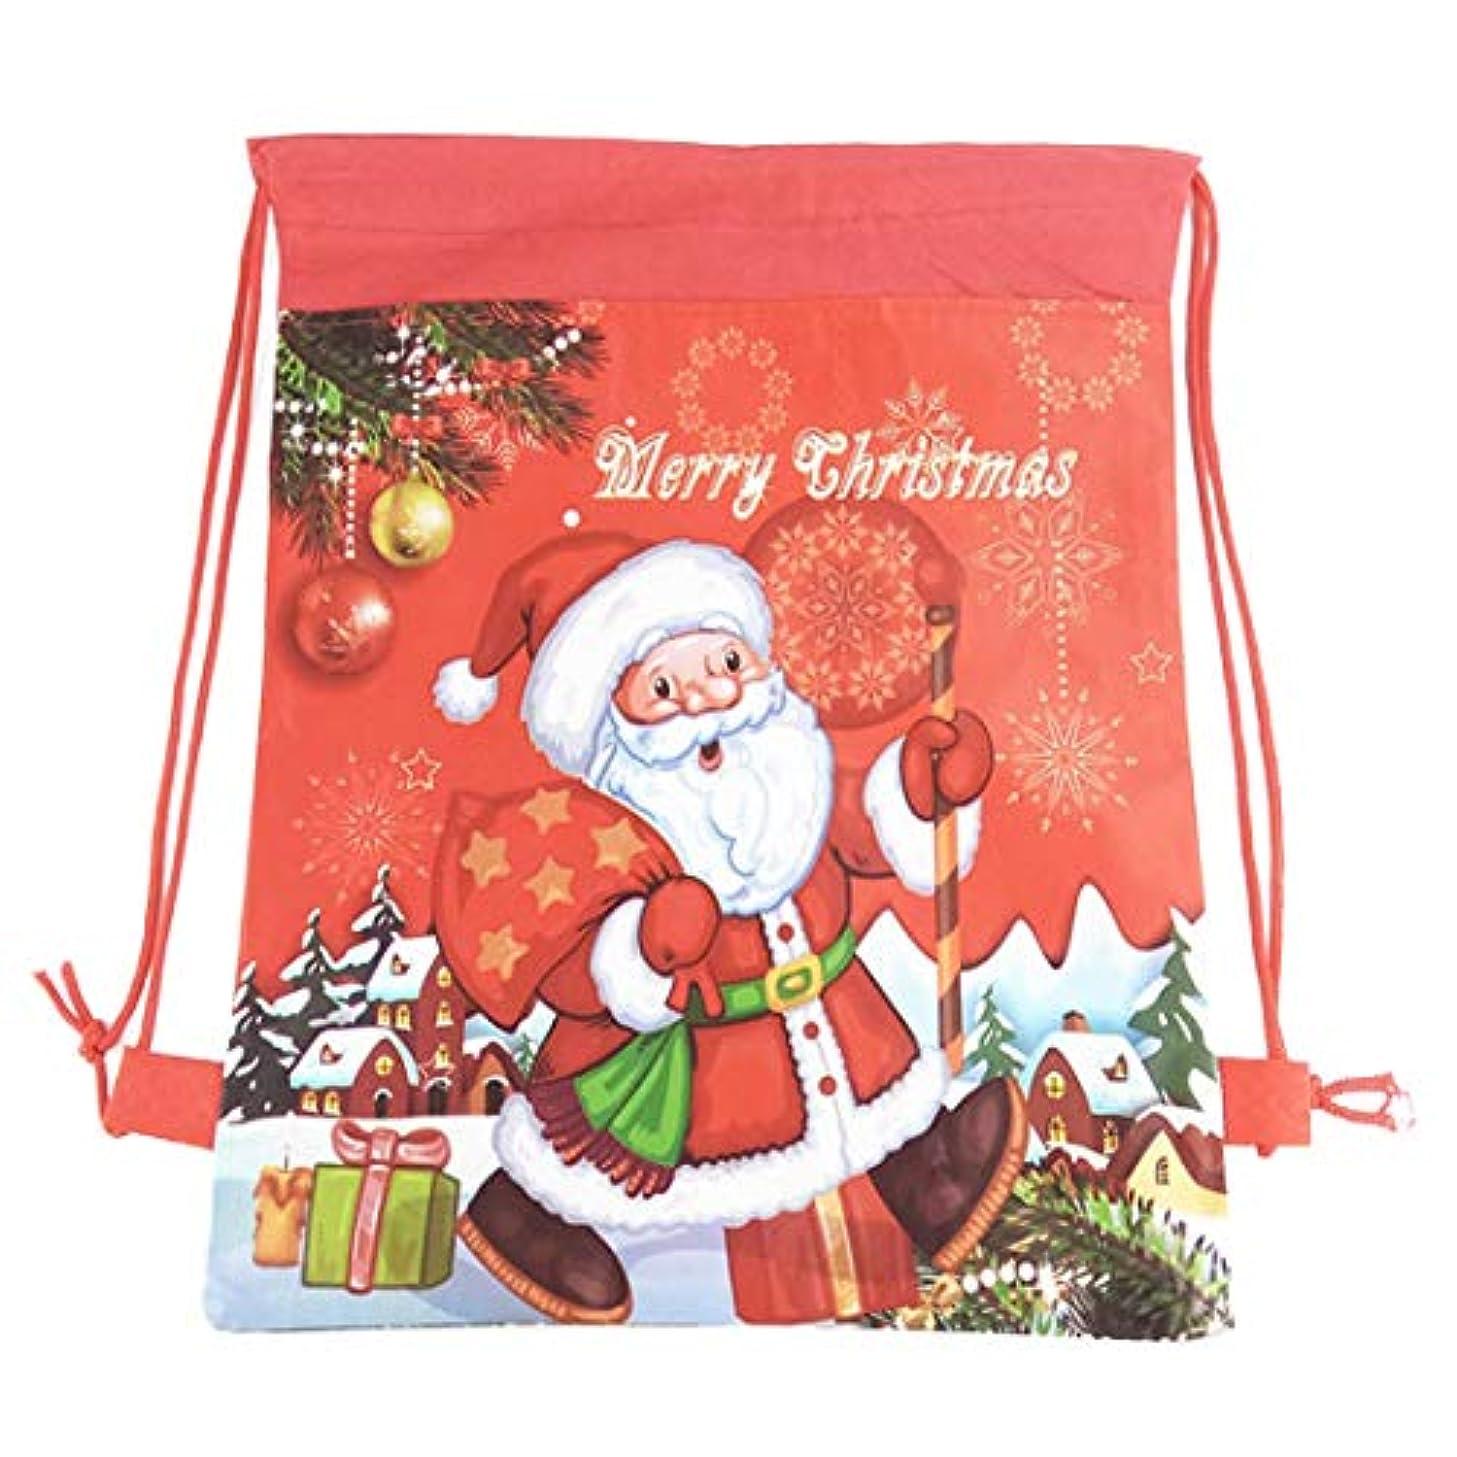 Christmas Candy Bags Drawstring Reusable Tote Gift Bag Sack Santa Claus Handbag Xmas Tree Decoration Party Favors